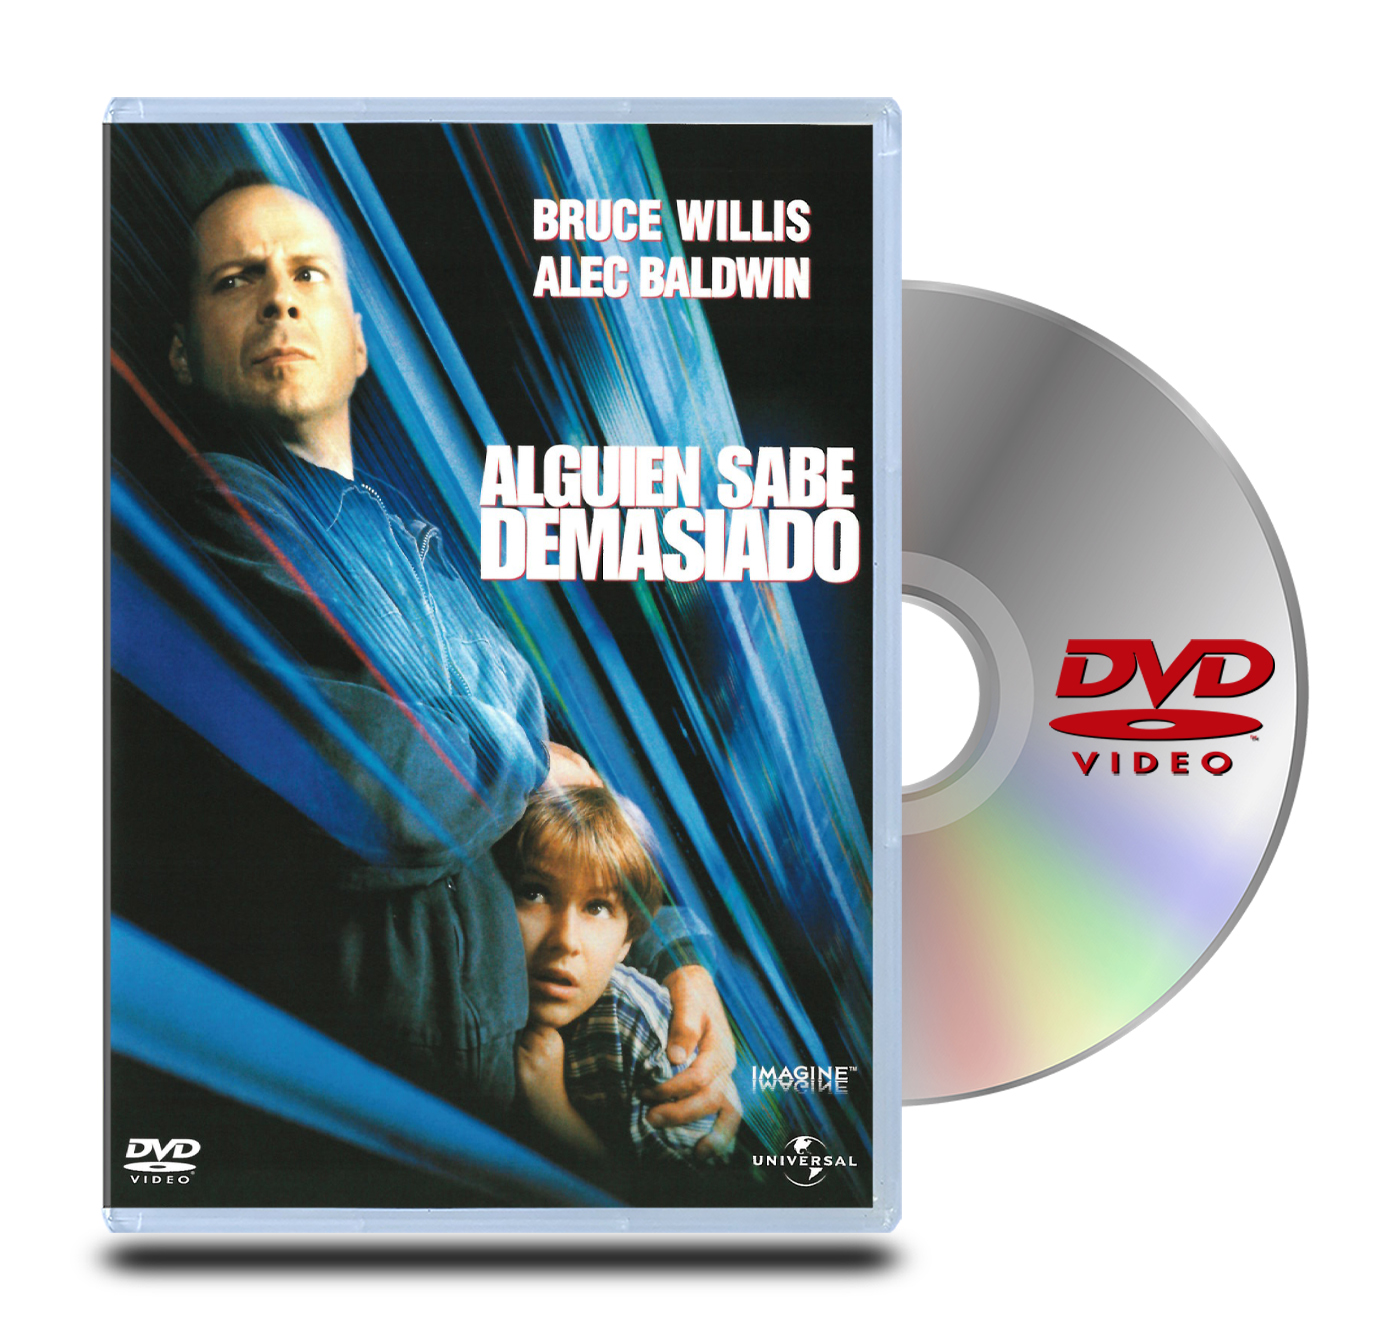 DVD Alguien Sabe Demasiado